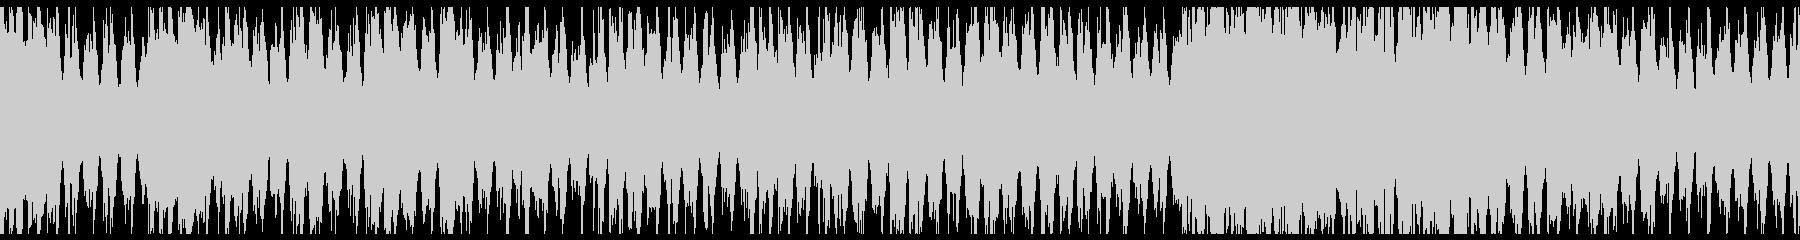 三味線・琴・尺八の神々しい和風4つ打ち曲の未再生の波形